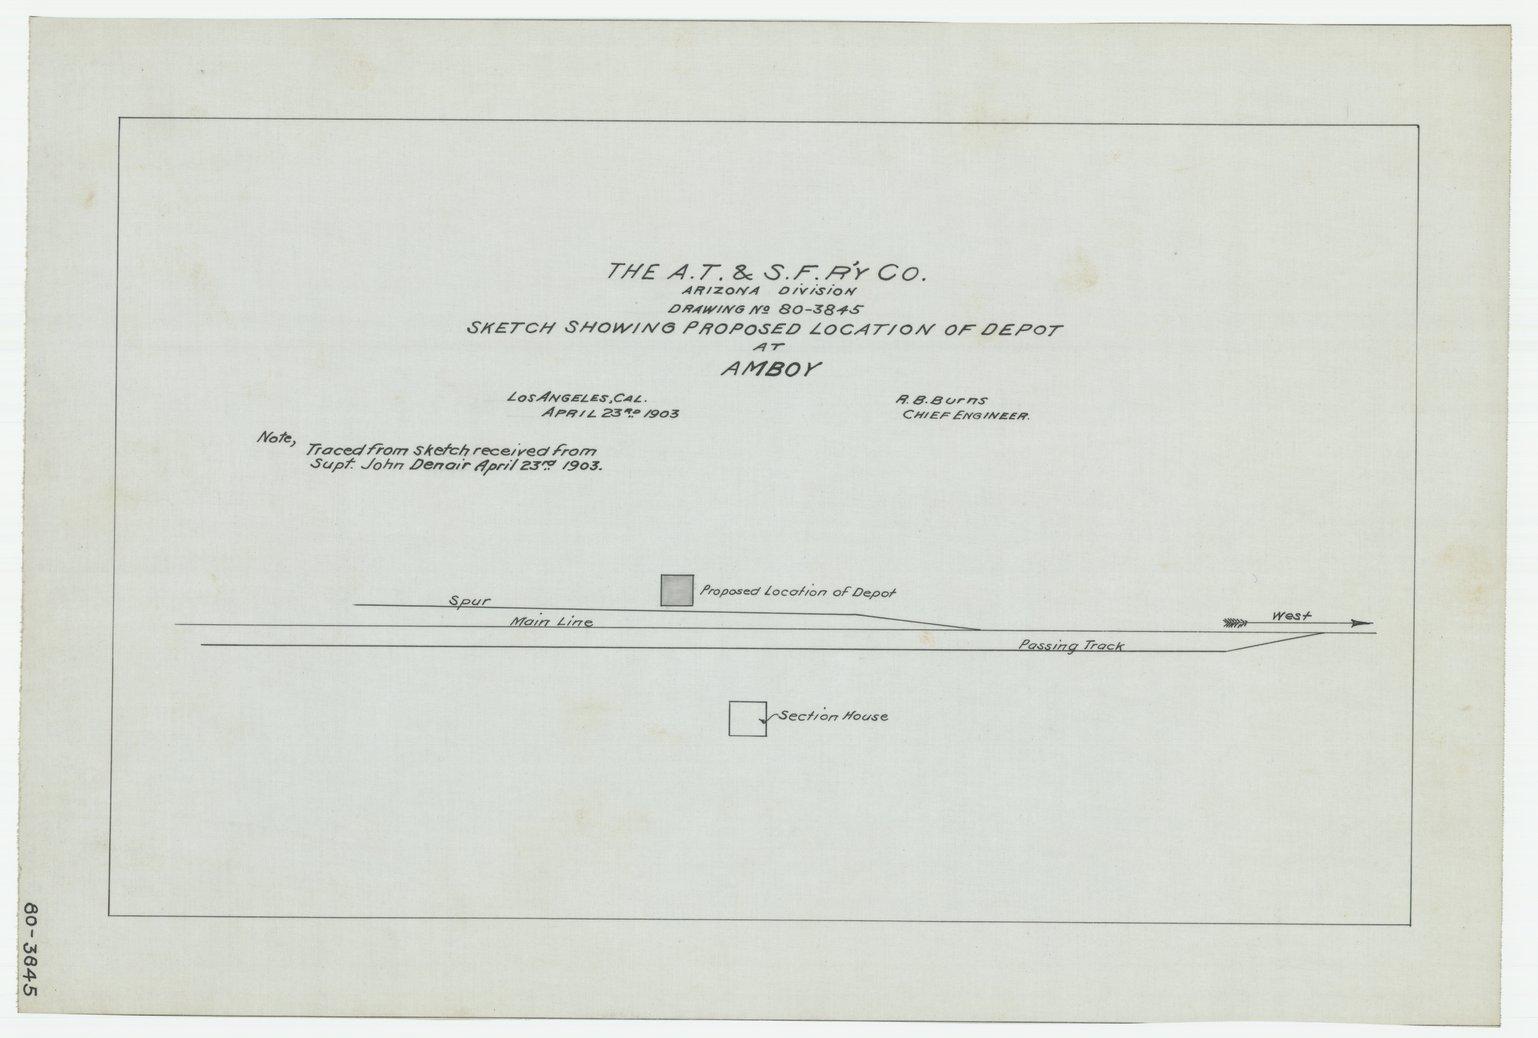 AT&SF proposed depot, Amboy, Arizona